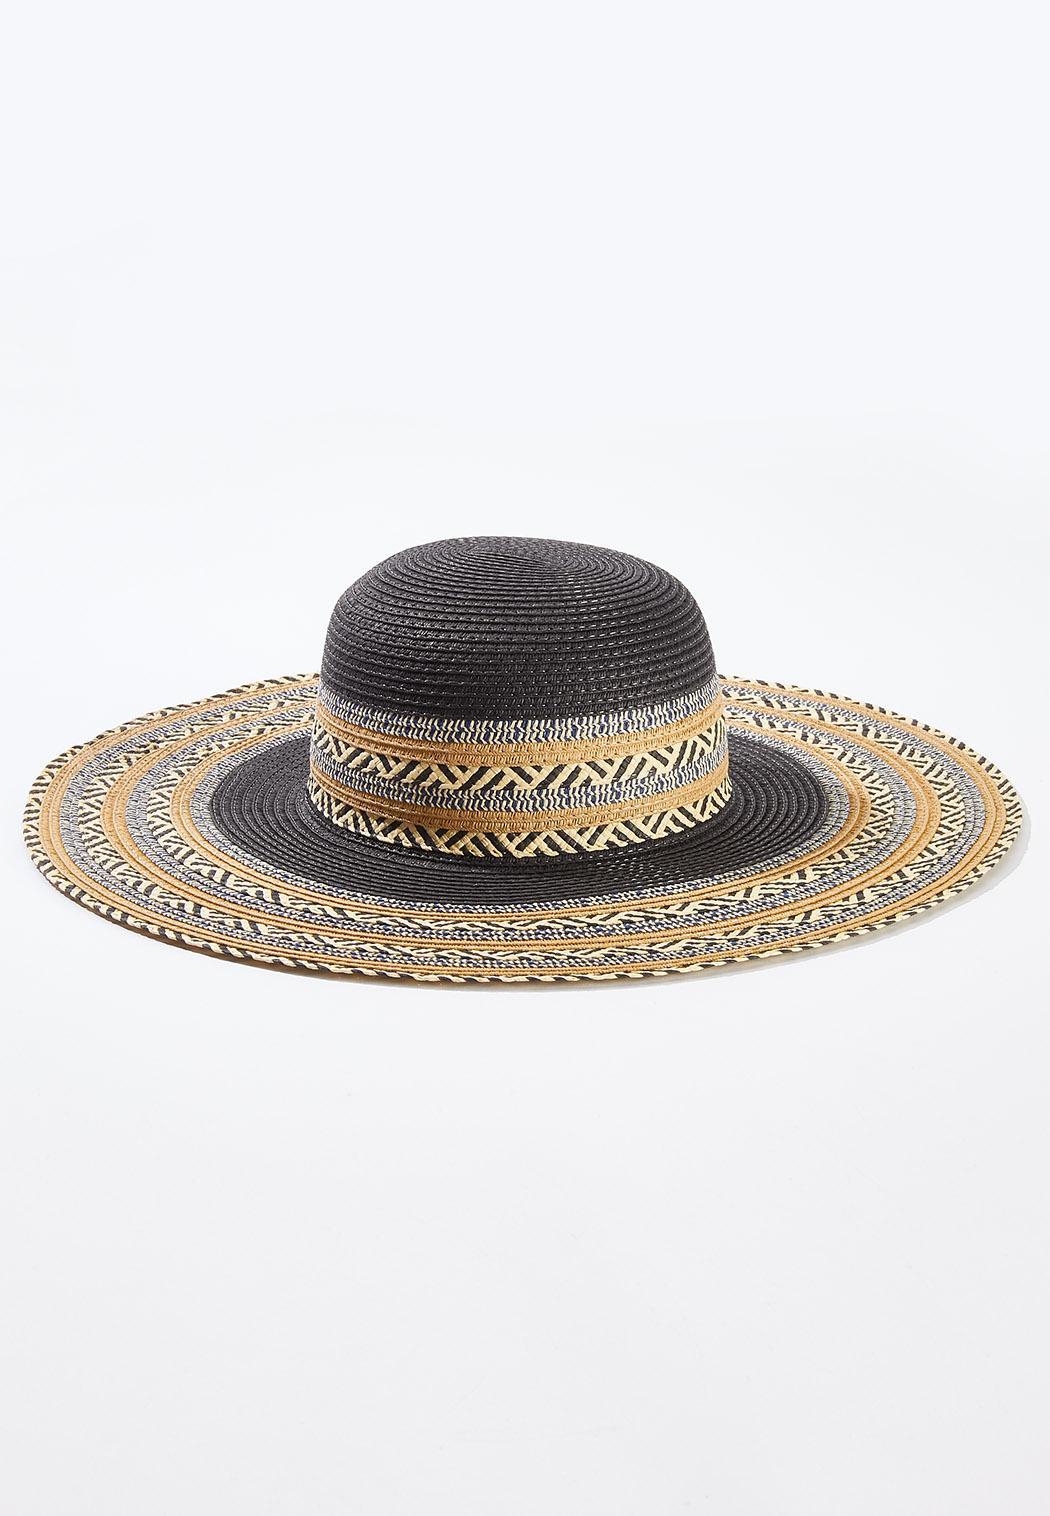 Tribal Floppy Hat